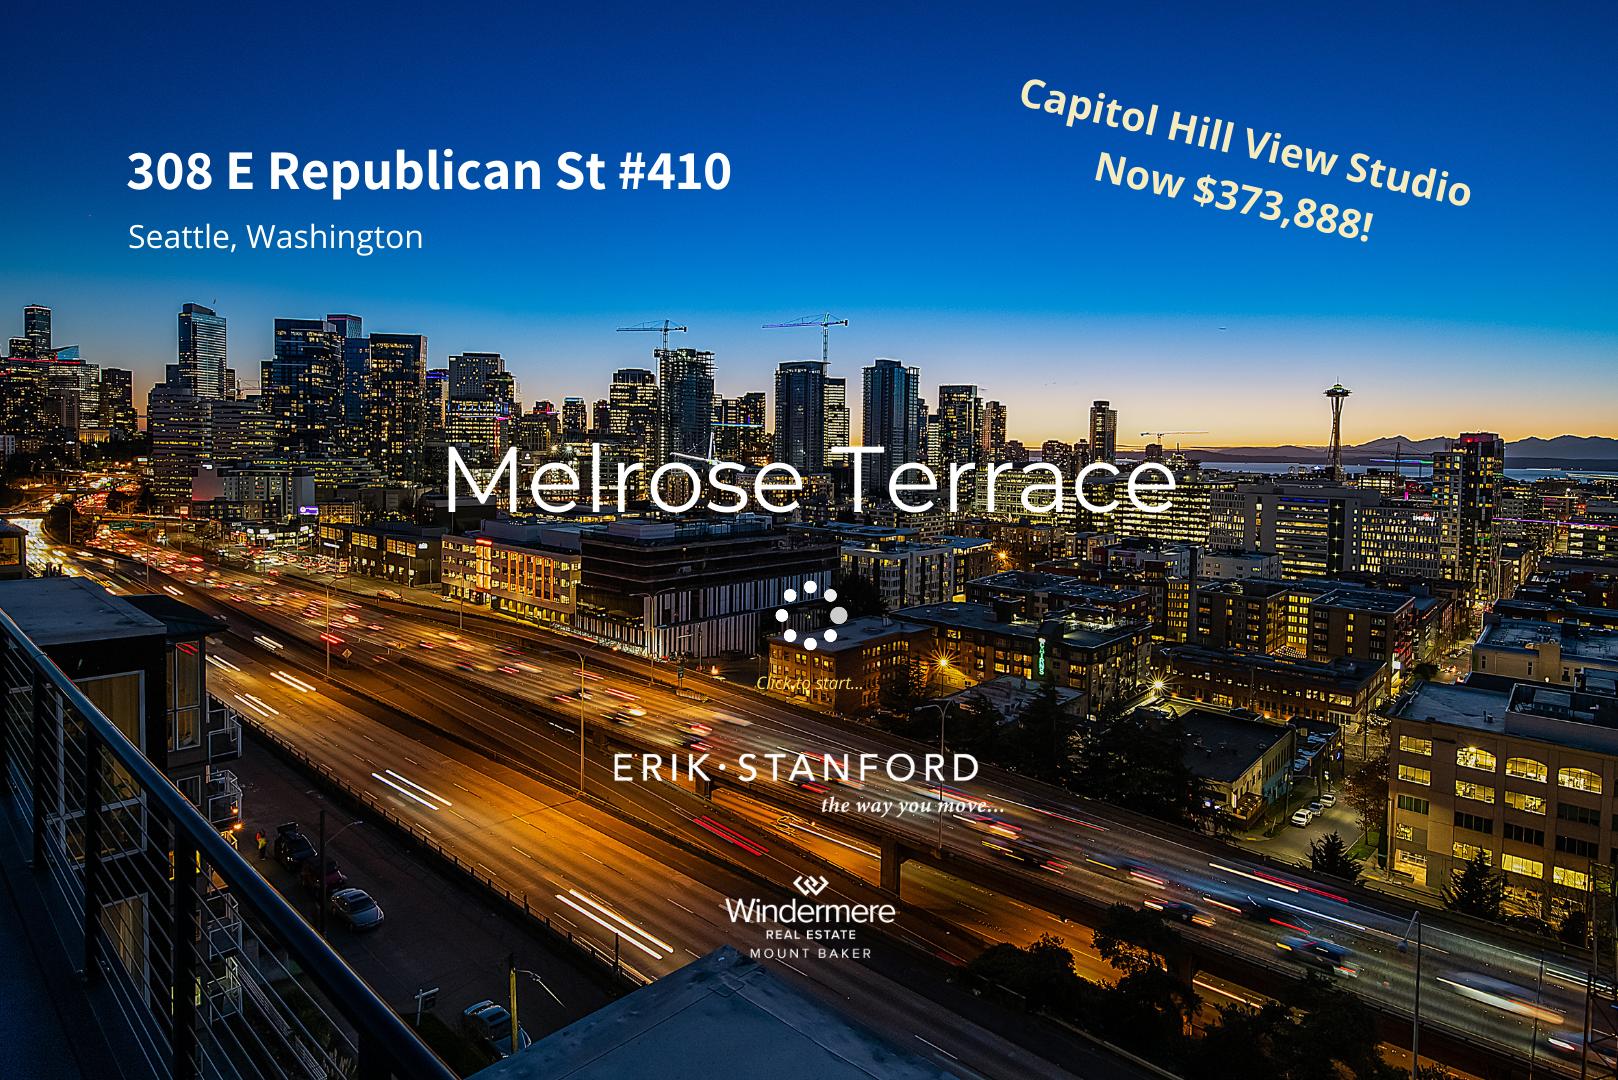 308 E Republican St #410 - Now $373888